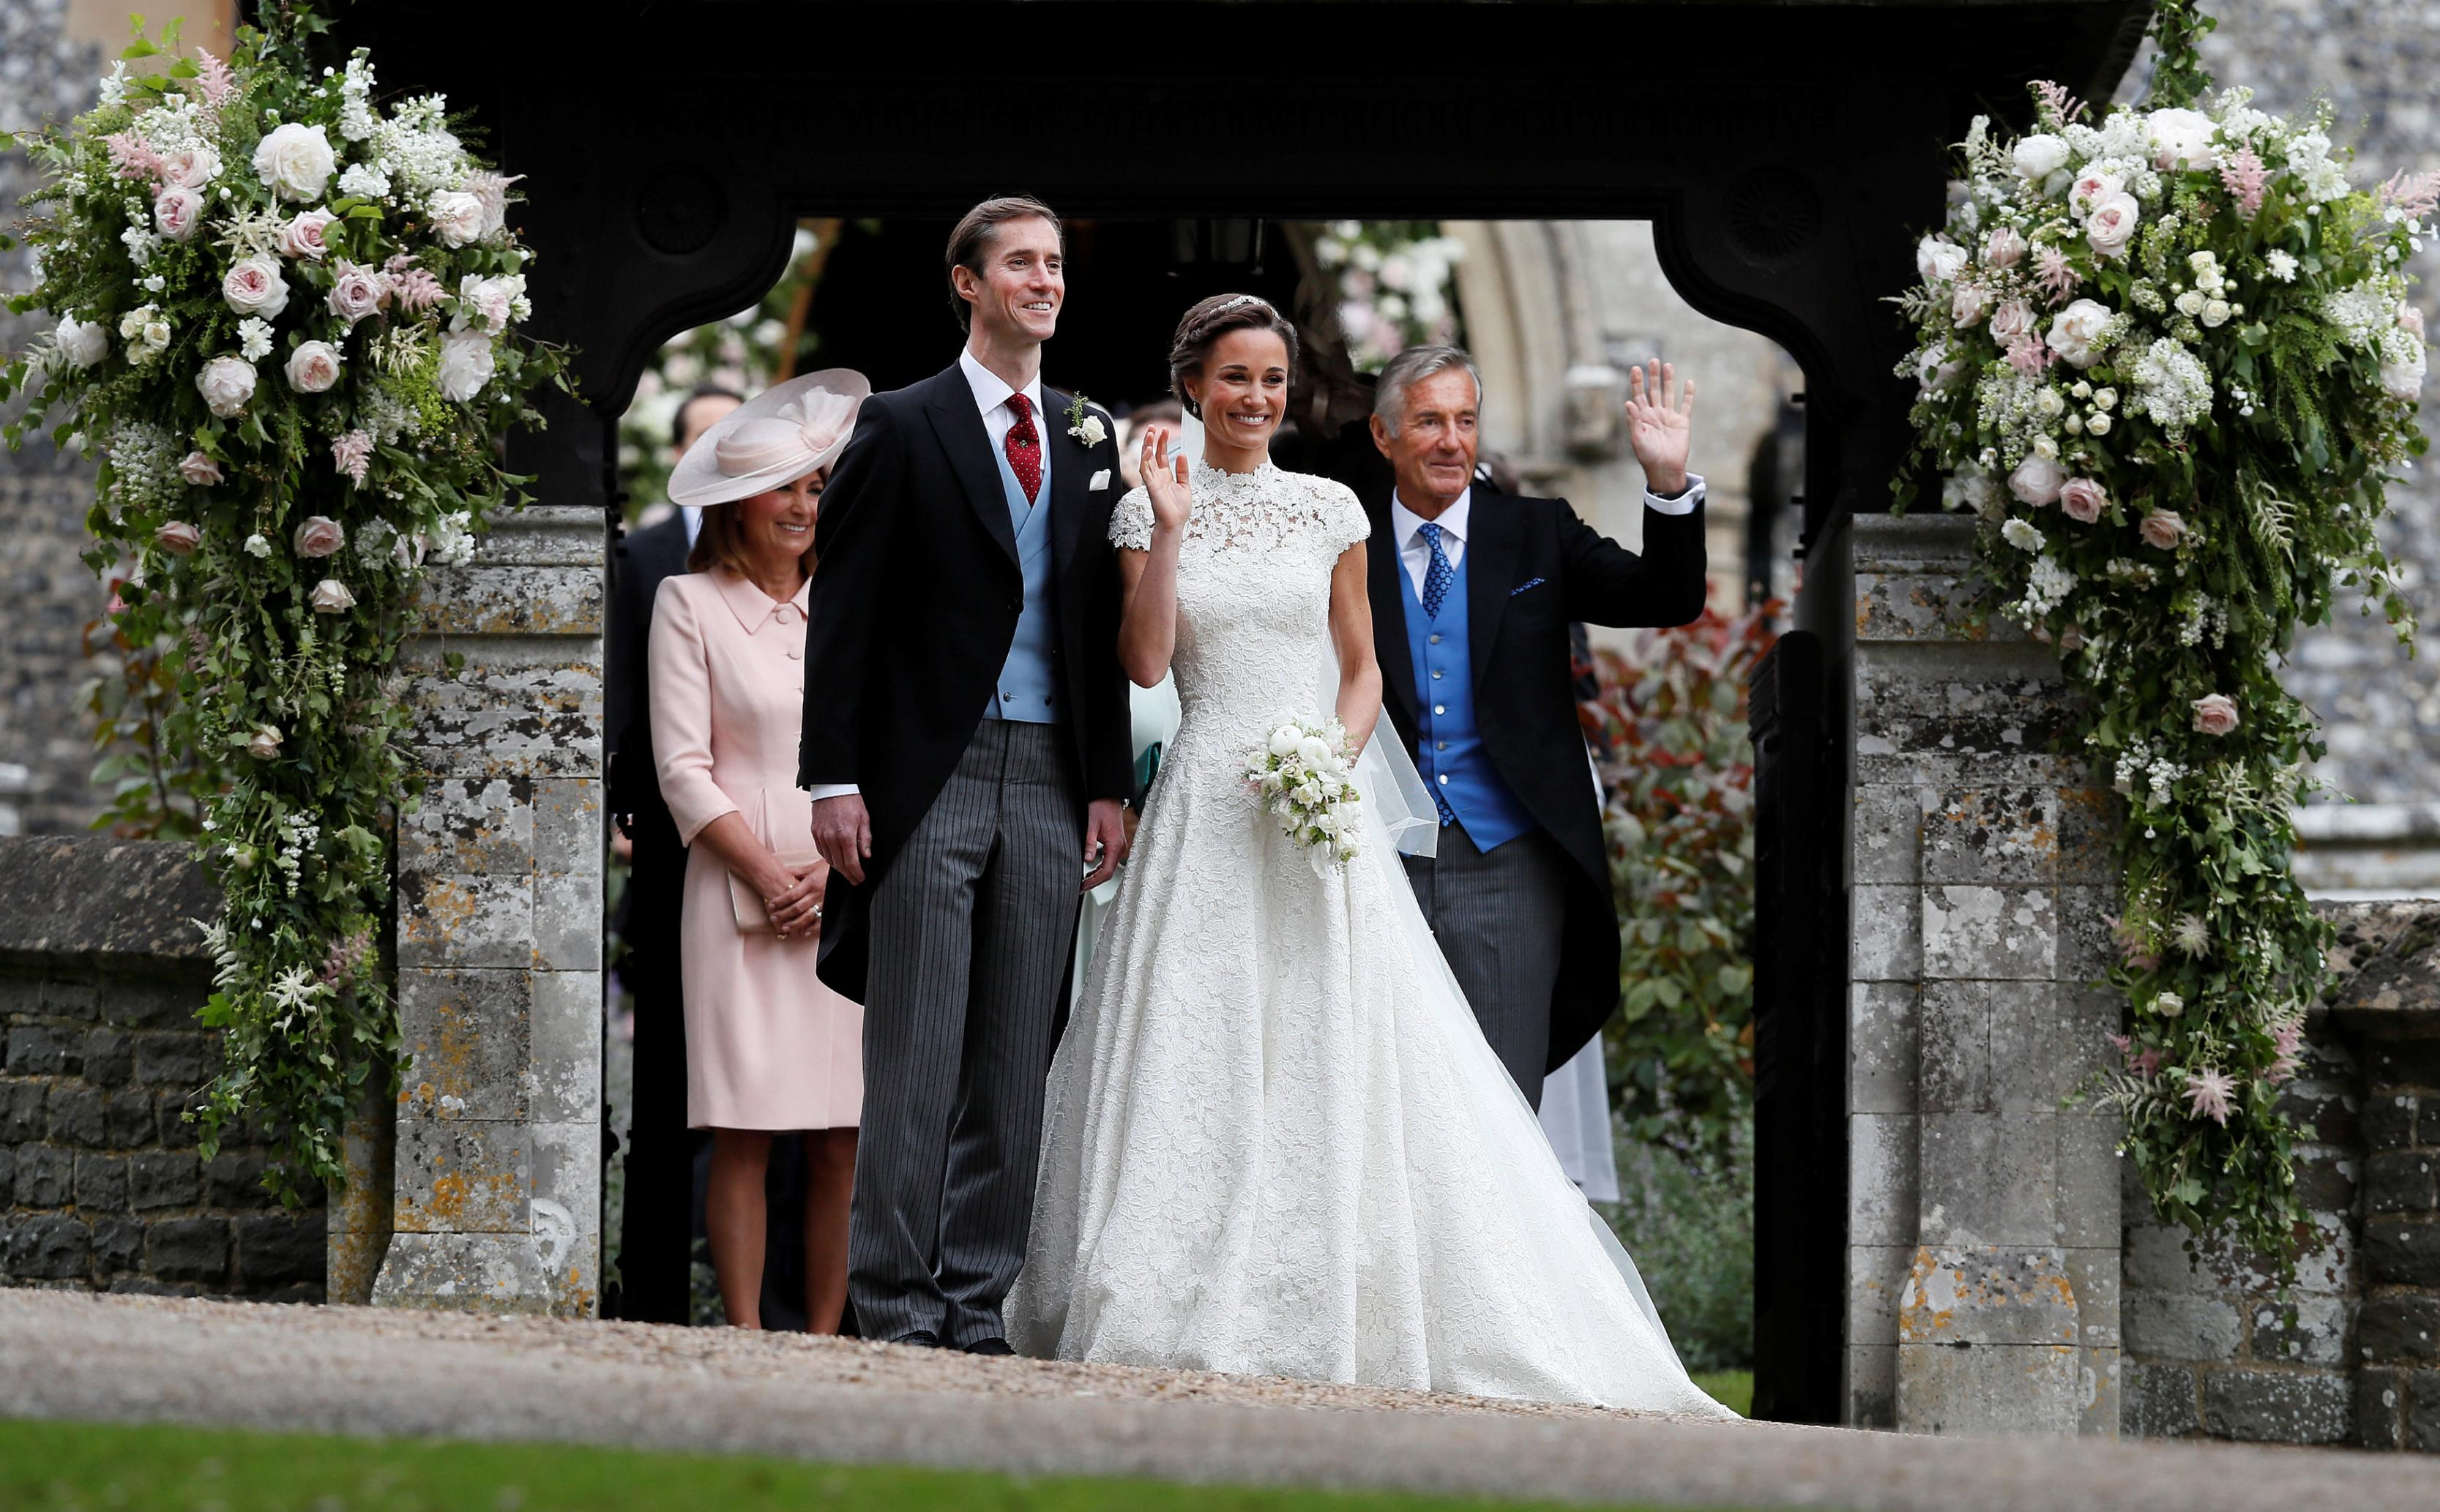 بالصور اجمل الصور للعروسين , اشيك عروسين بالعالم 2019 2815 4